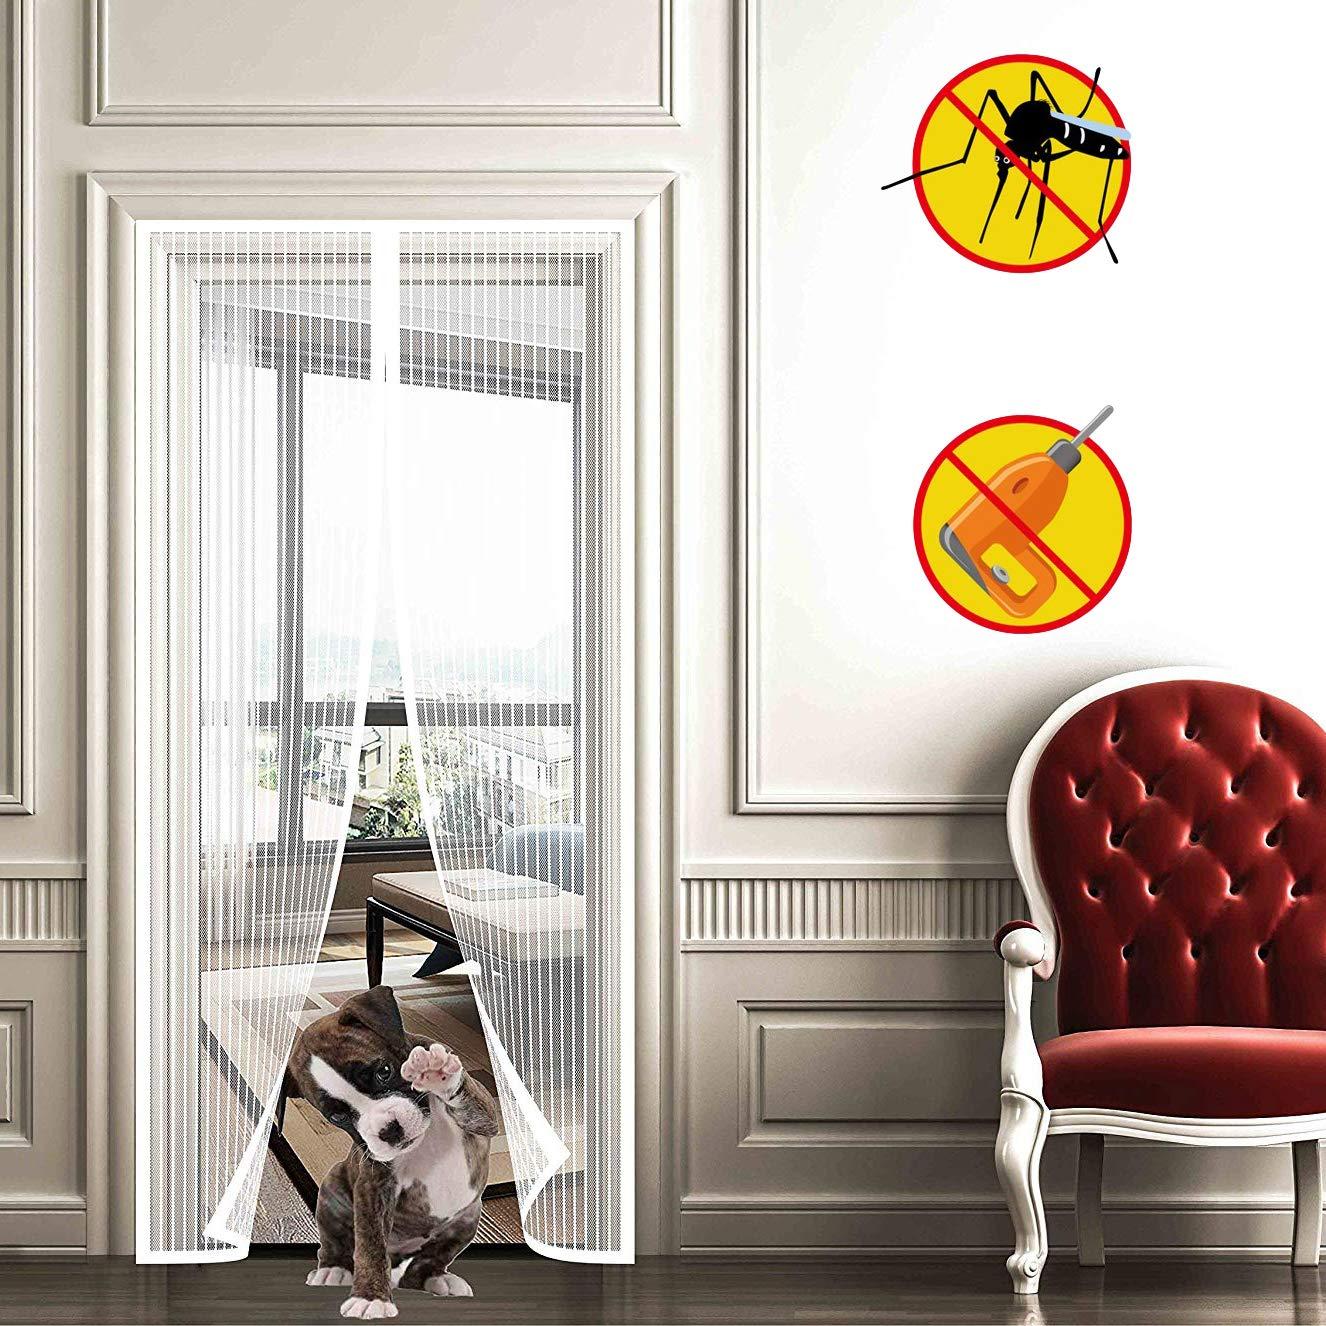 Cierra Autom/áTicamente Mosca Pantalla Durable Cortina Varios Tama/ños Protecci/óN de Insectos Blanco 75x210cm WISKEO Mosquitera Magnetica Puertas Correderas Balcones